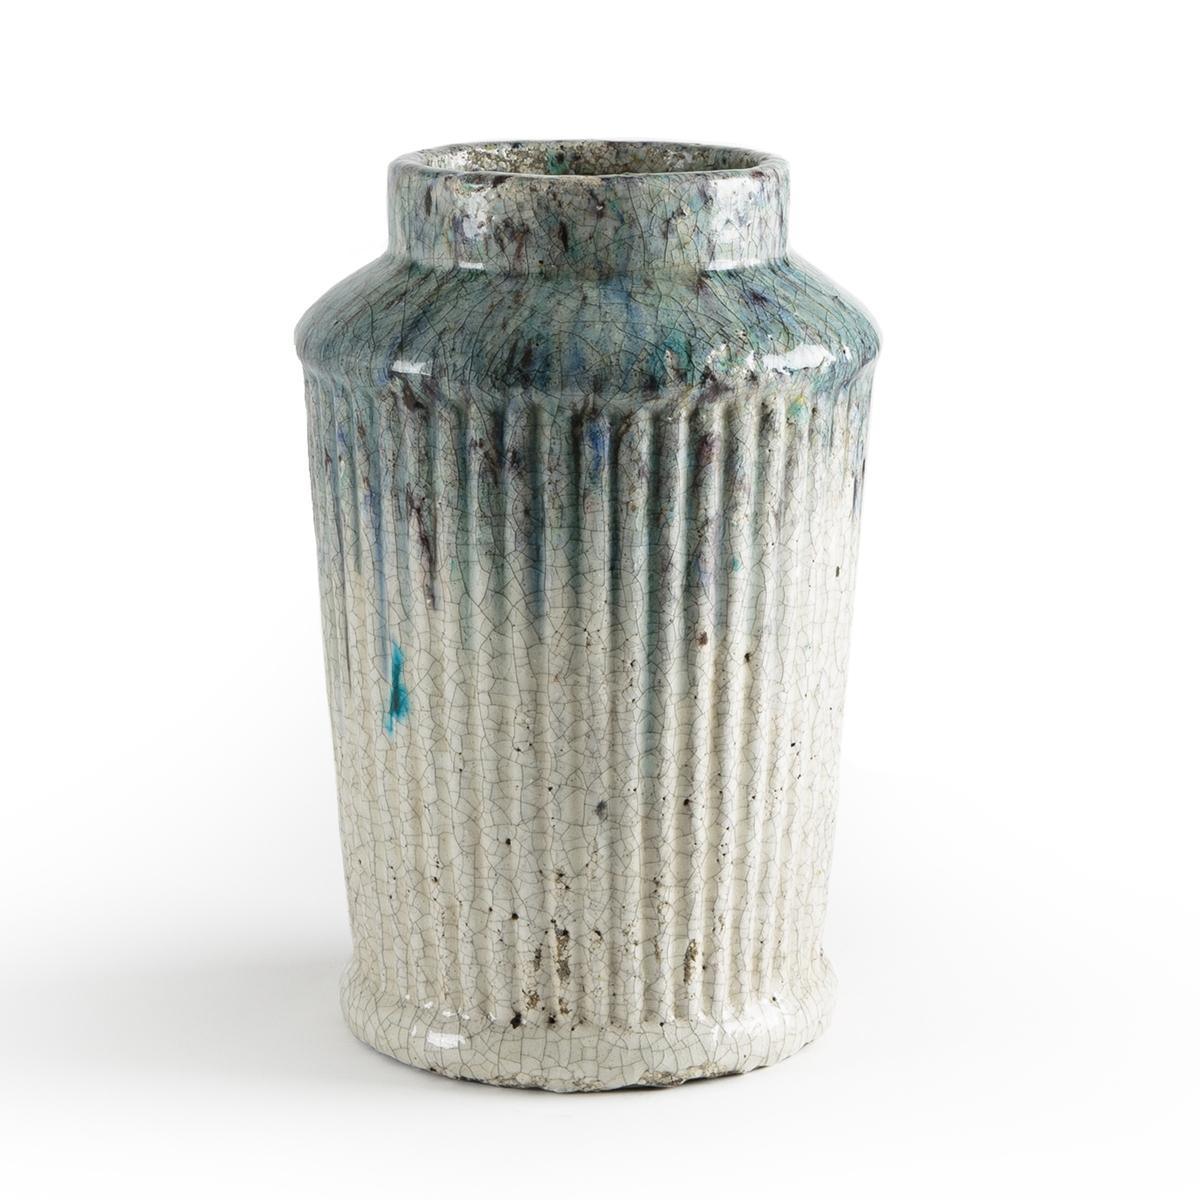 Кашпо La Redoute Из керамики с покрытием эмалью В см Rupani единый размер синий этажерка la redoute с полками remia единый размер белый